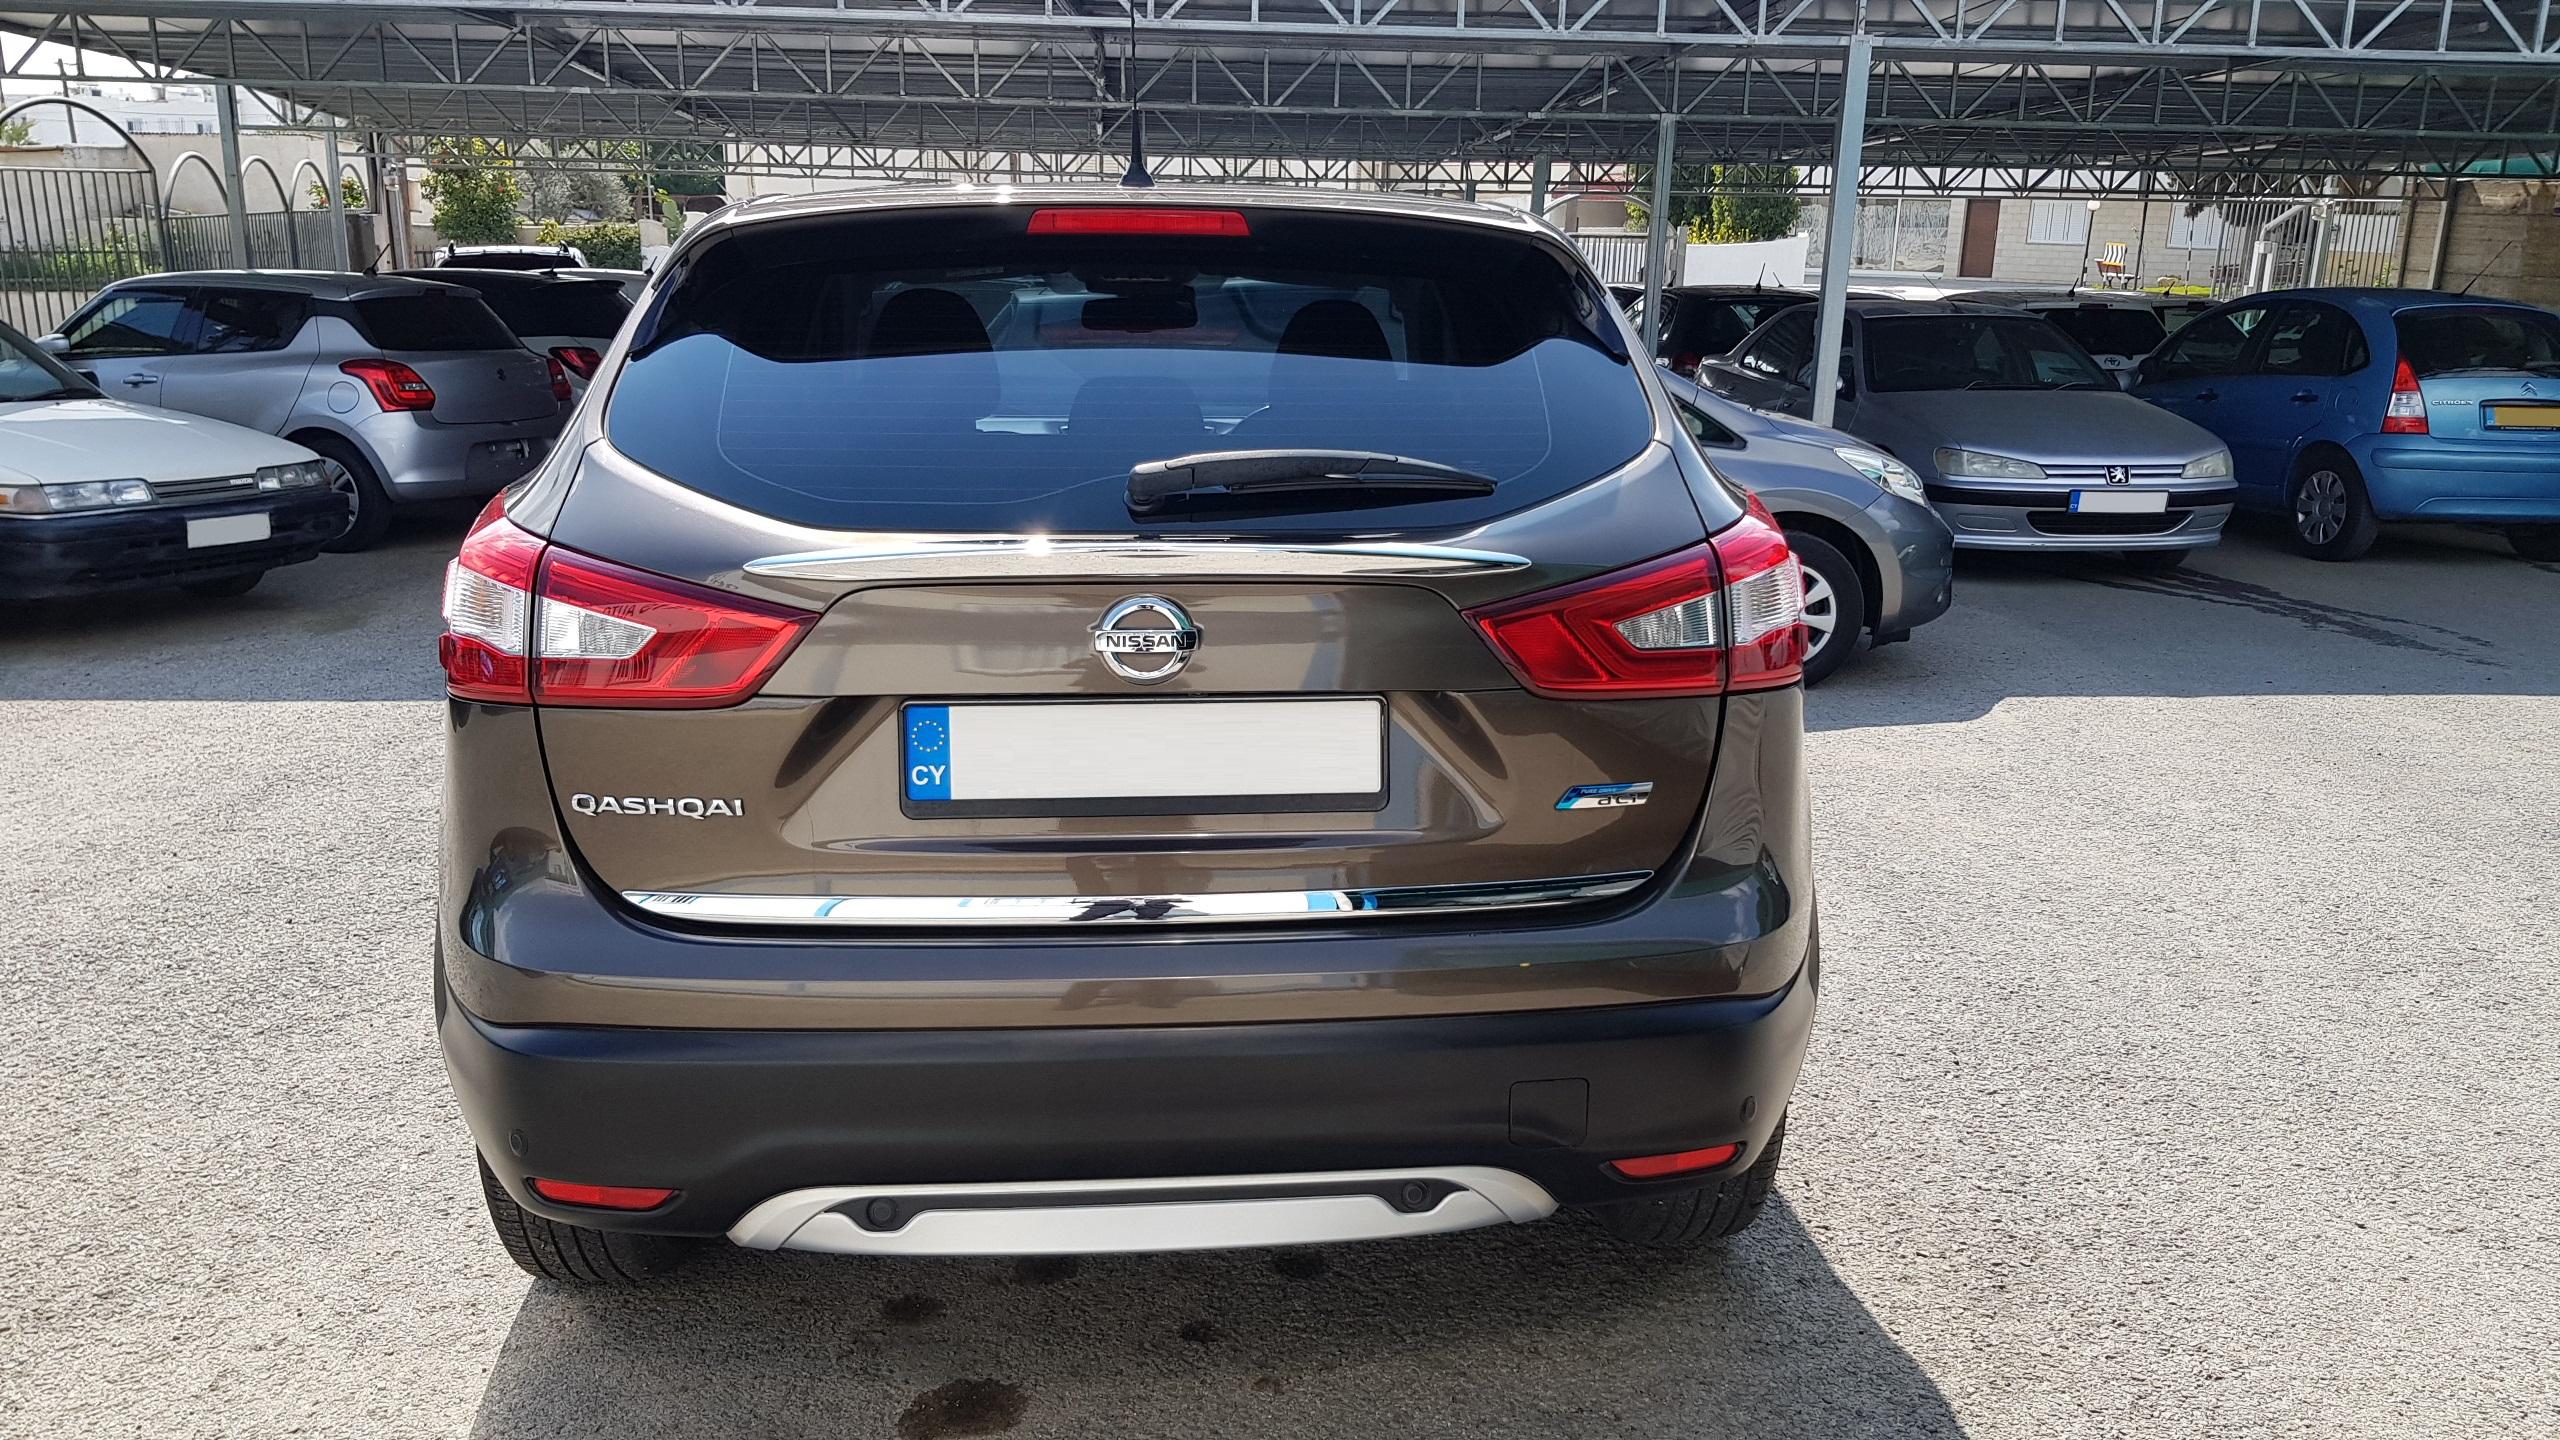 Nissan Qashqai Grey Metallic 04